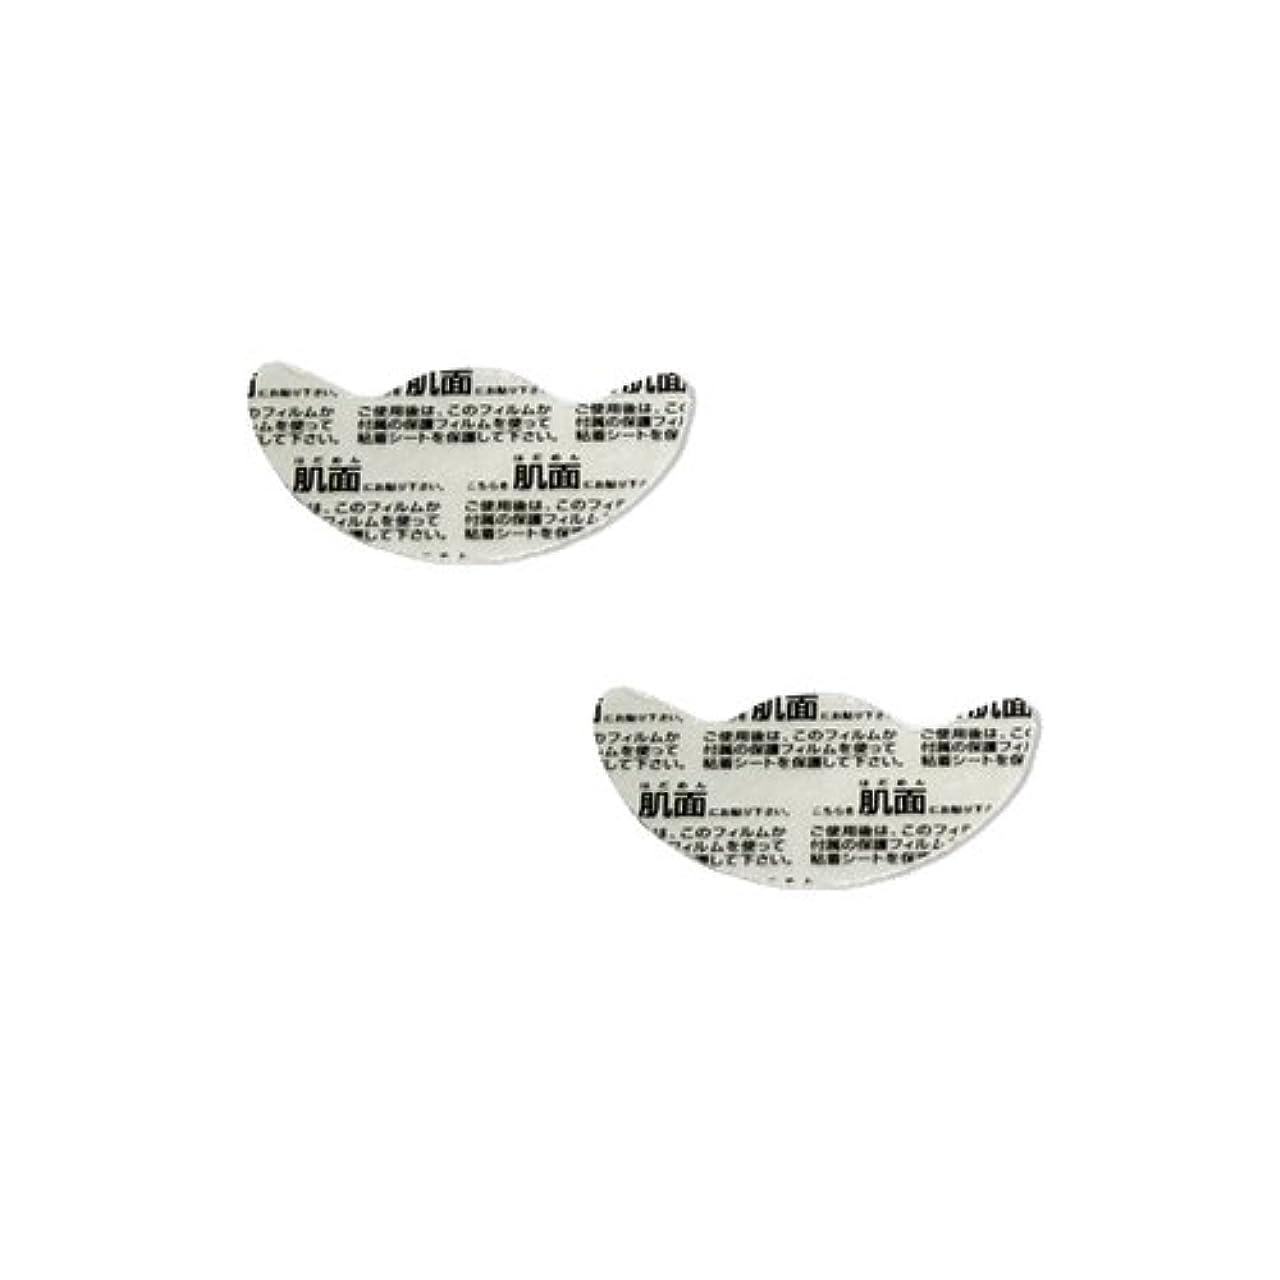 拒否授業料オーバーヘッドナール超音波EMS美顔器 小顔ナール(Kogao NARL) 交換用粘着シート 2枚入(2枚×1組)